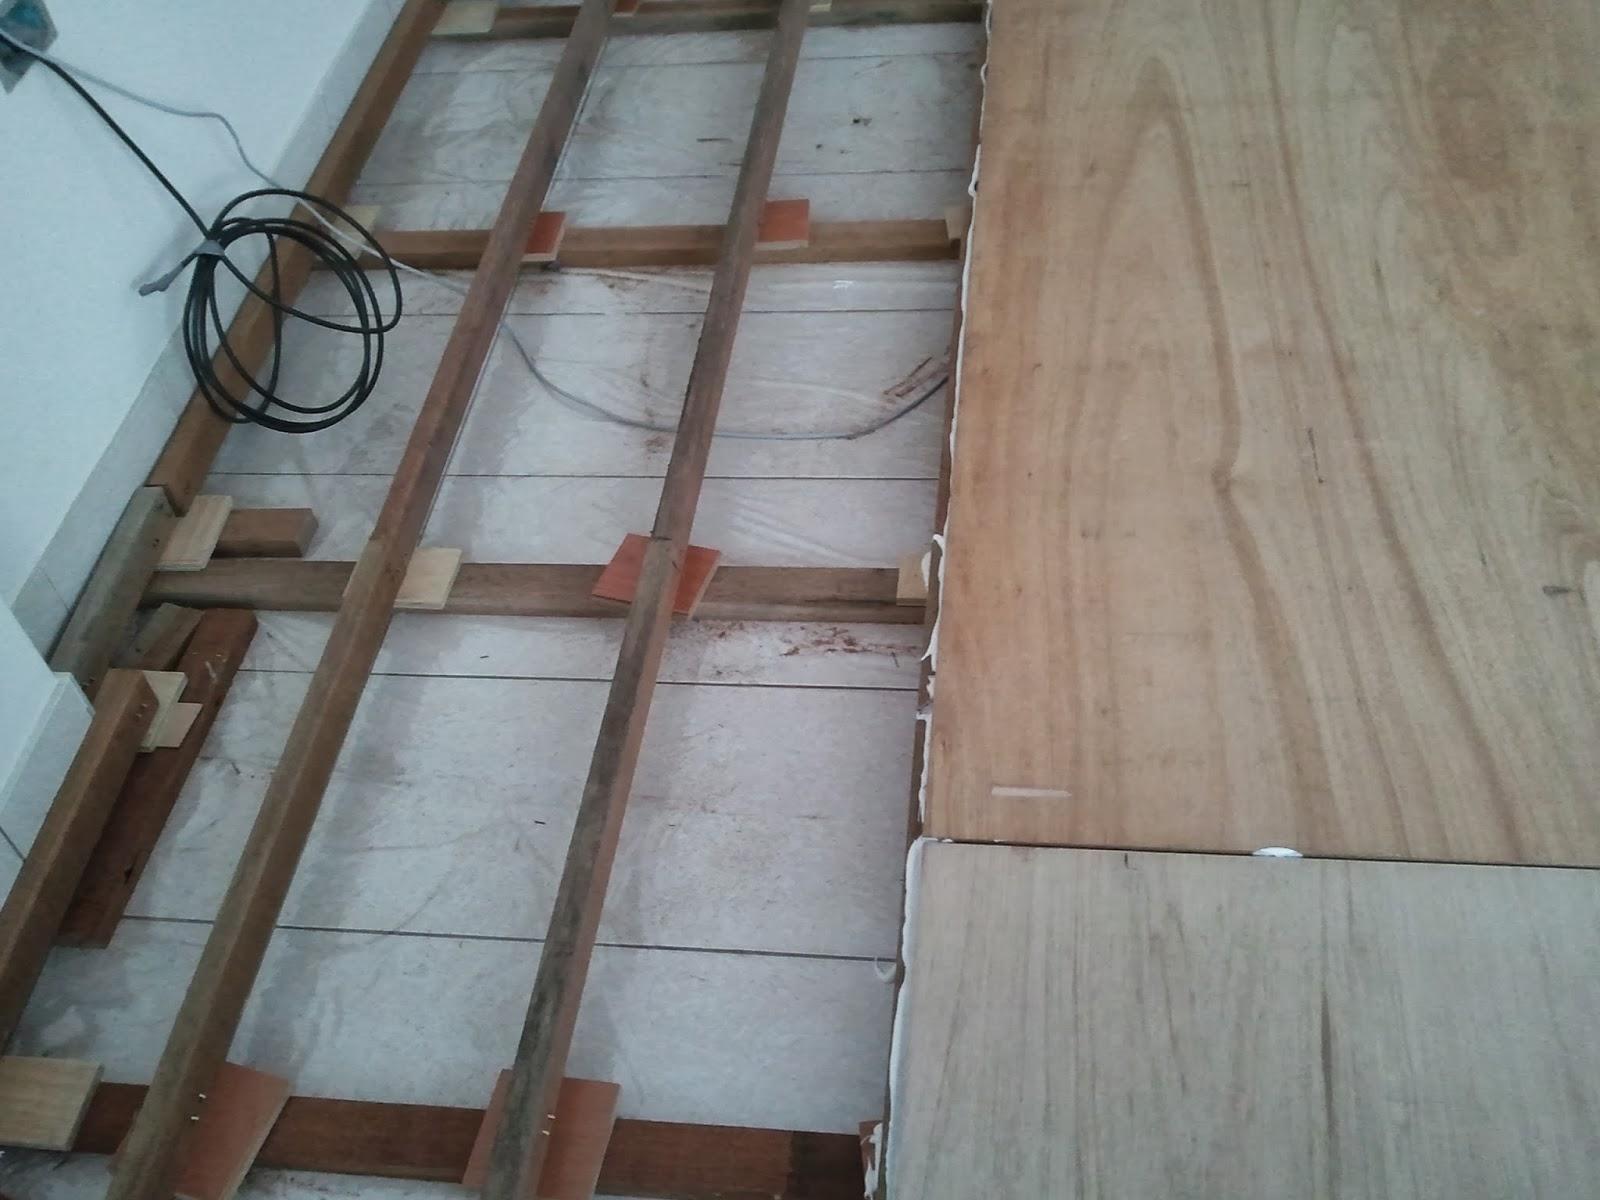 瑪䔲地板工程有限公司: 原宿系列 紫檀木-自然之顏 施工案例